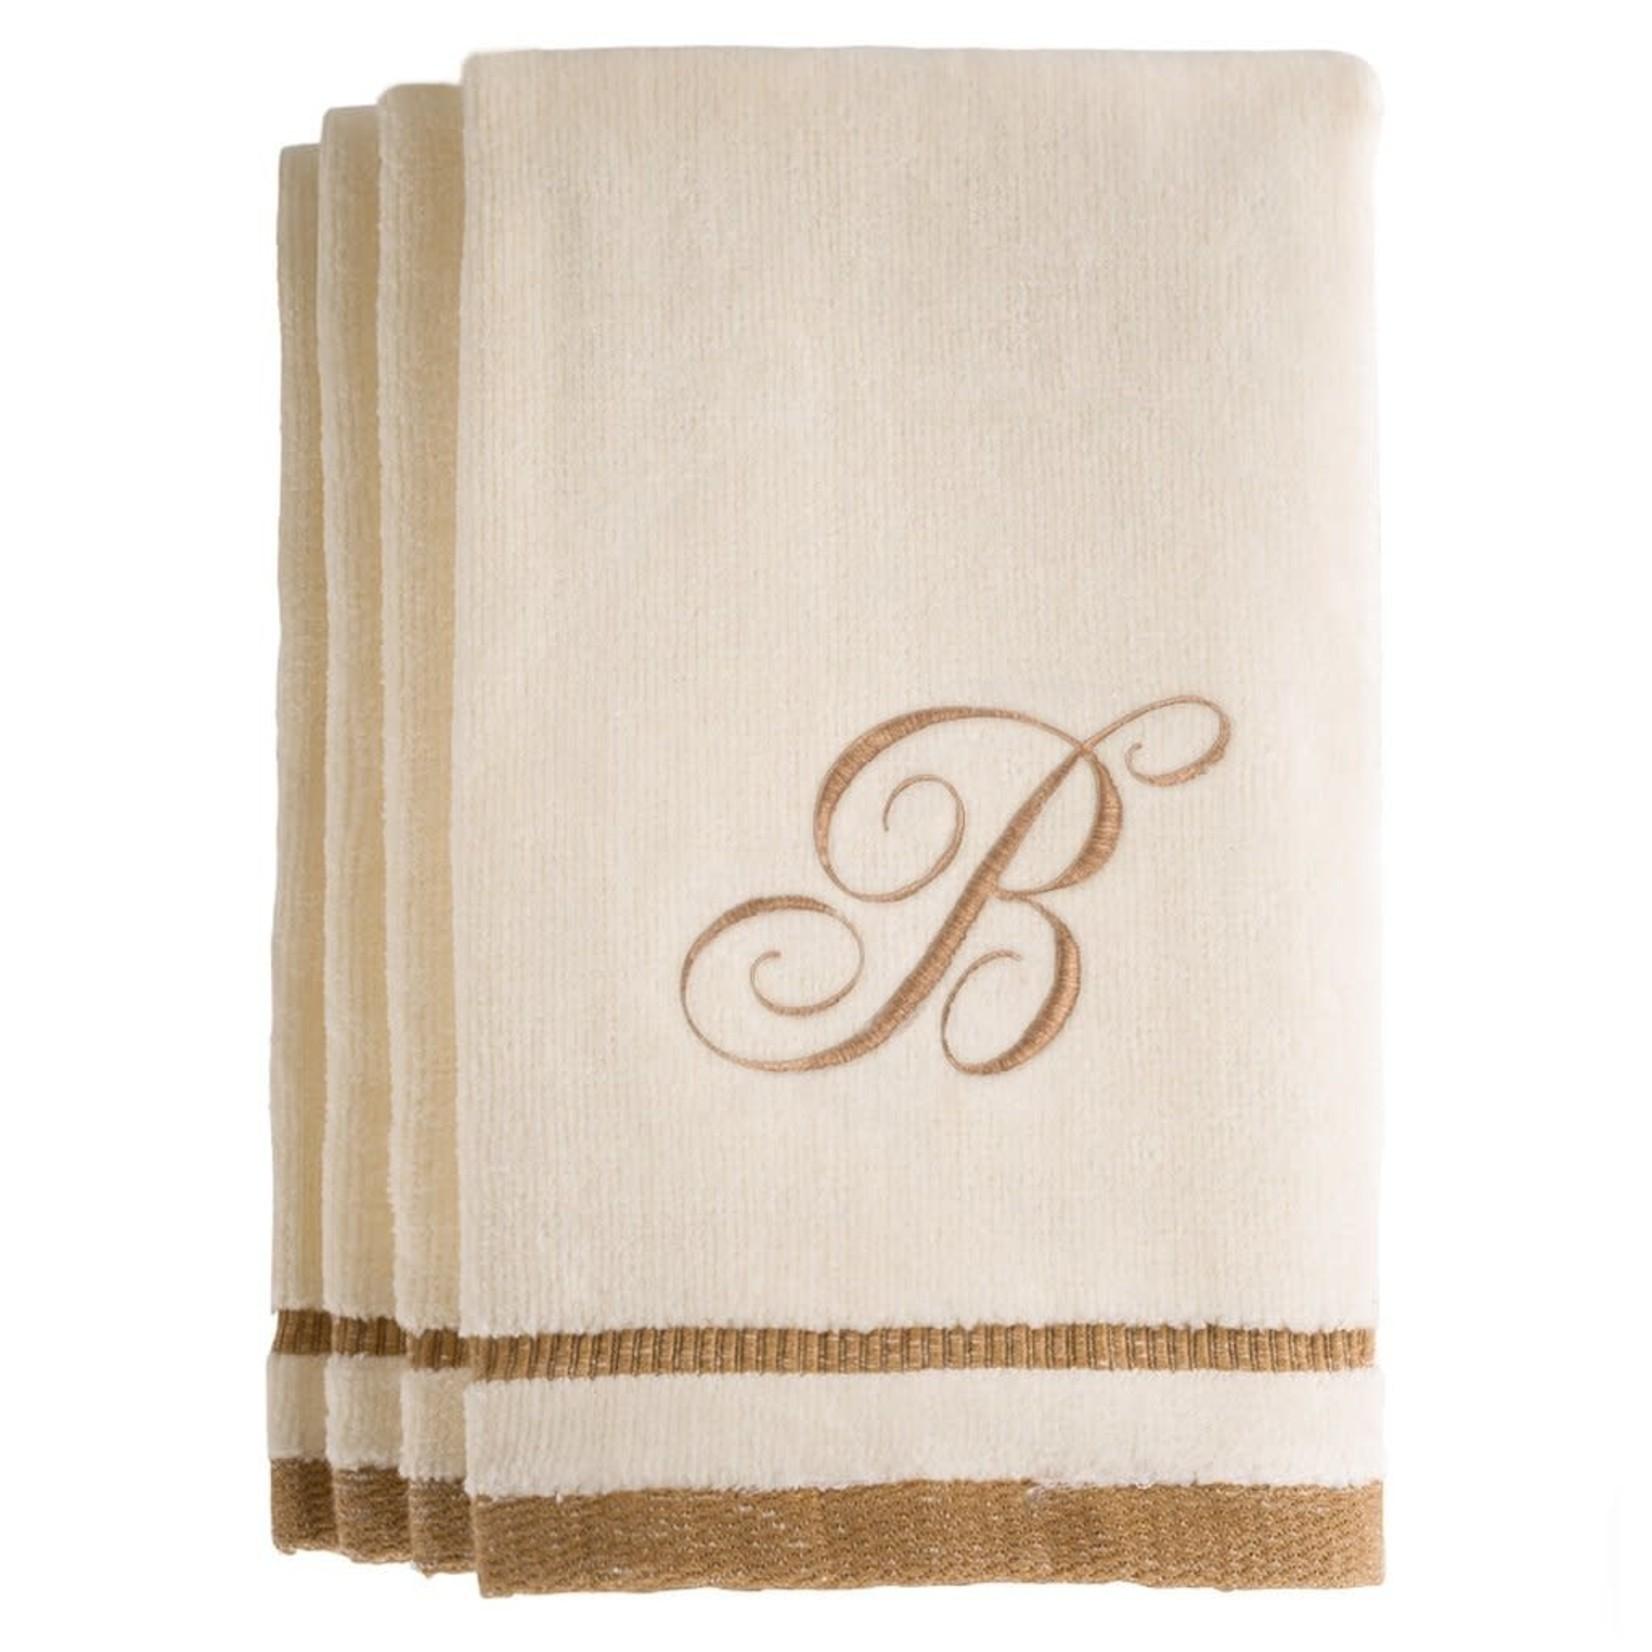 Creative Scents B - Cotton velour monogram towel - Ivory